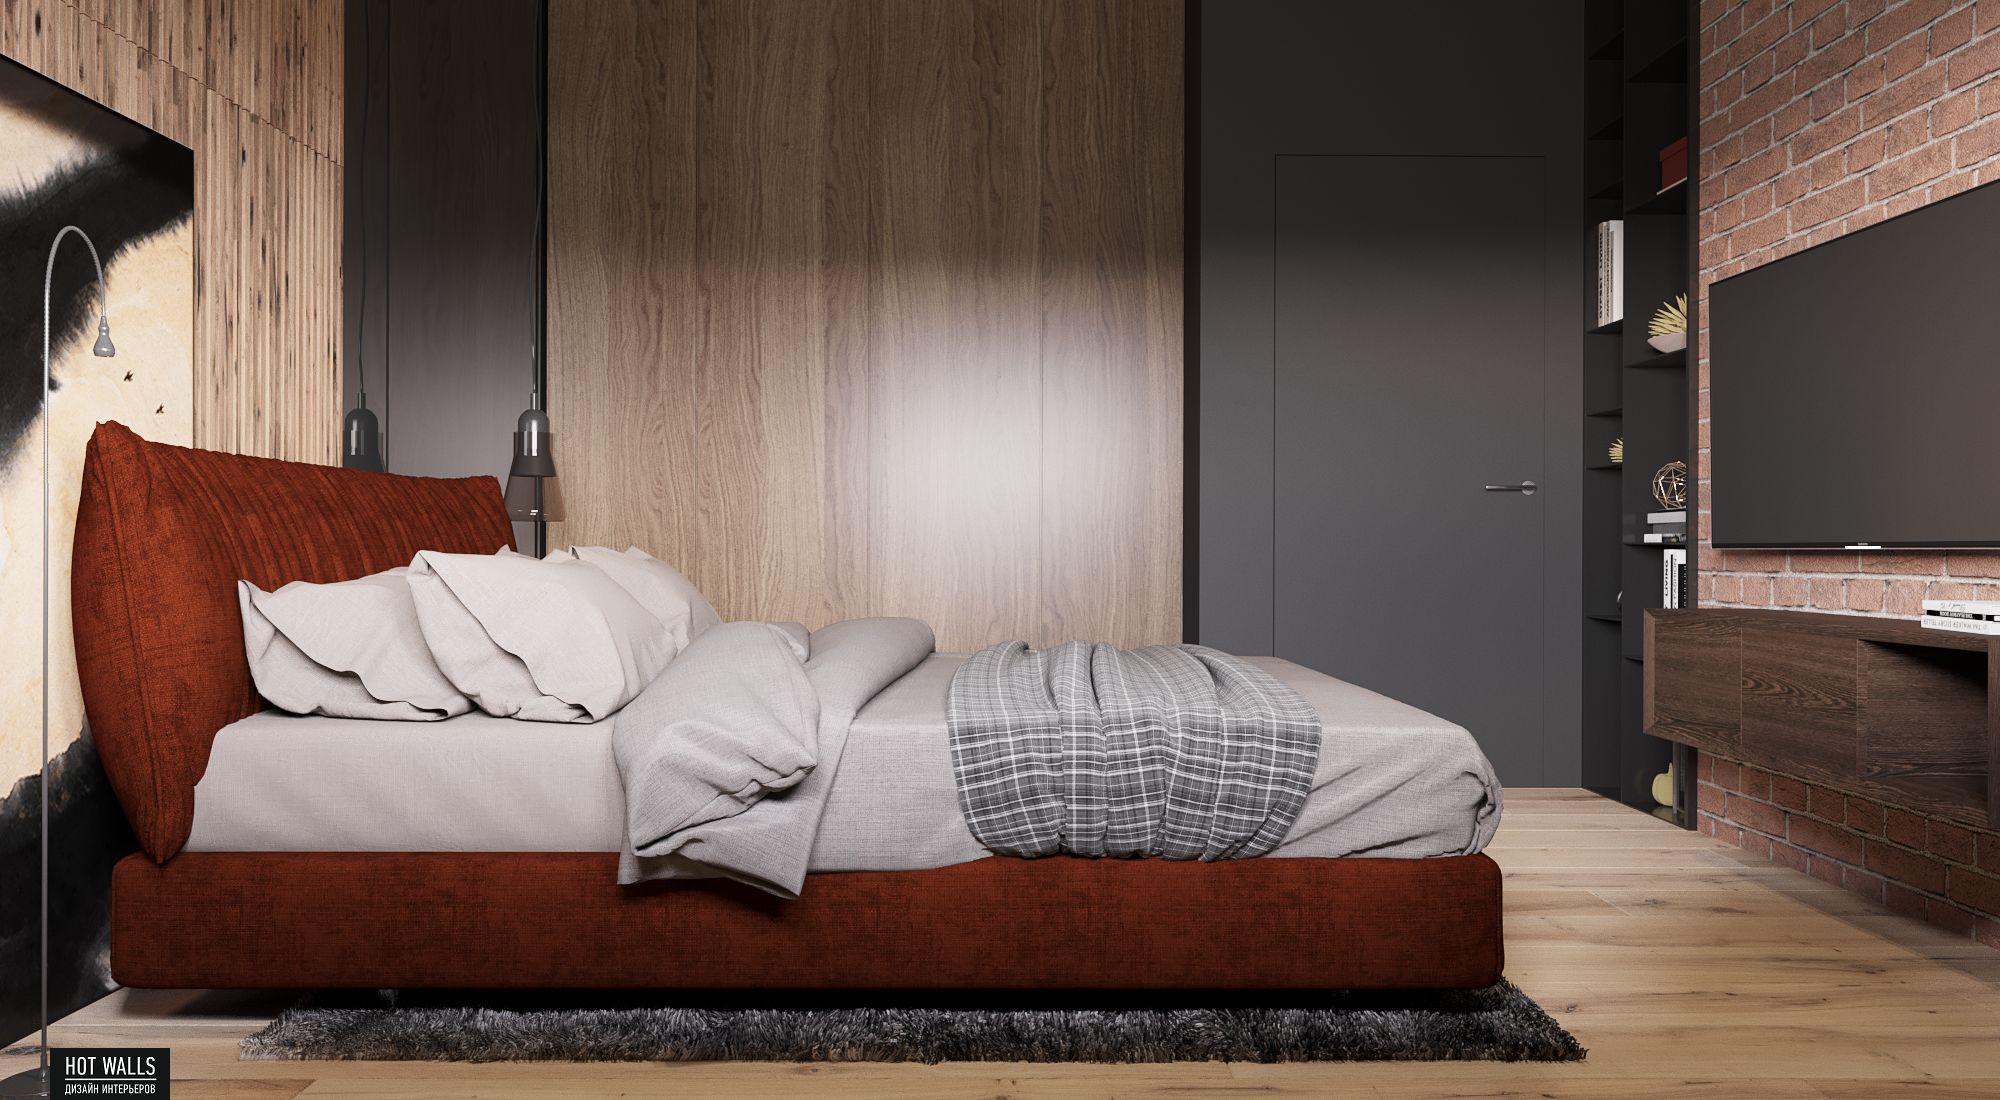 Bedroom_16.06.17_2